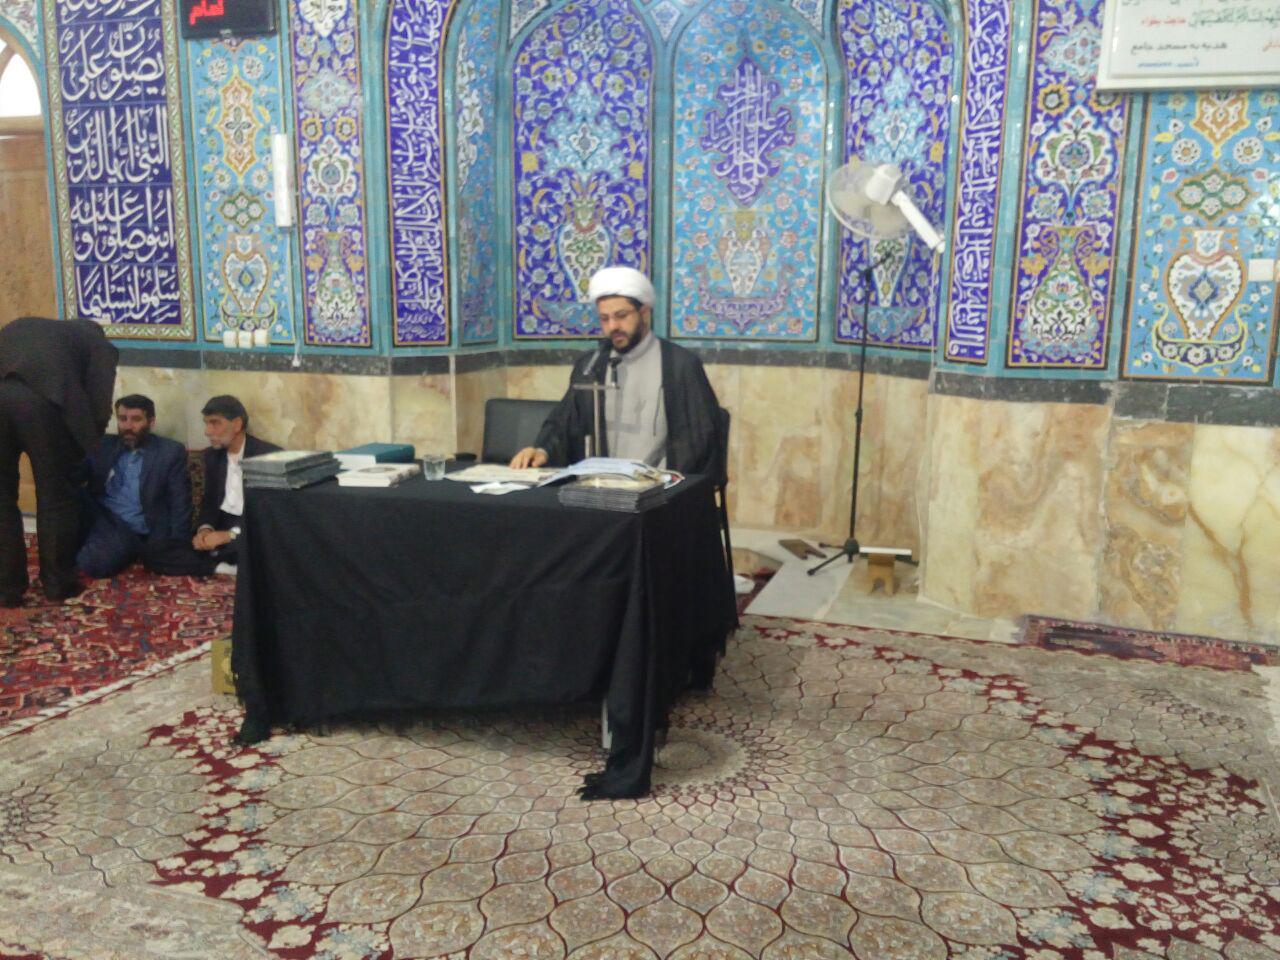 سخنرانی امام  جمعه محترم شهر قهدریجان در مسجد بزرگ